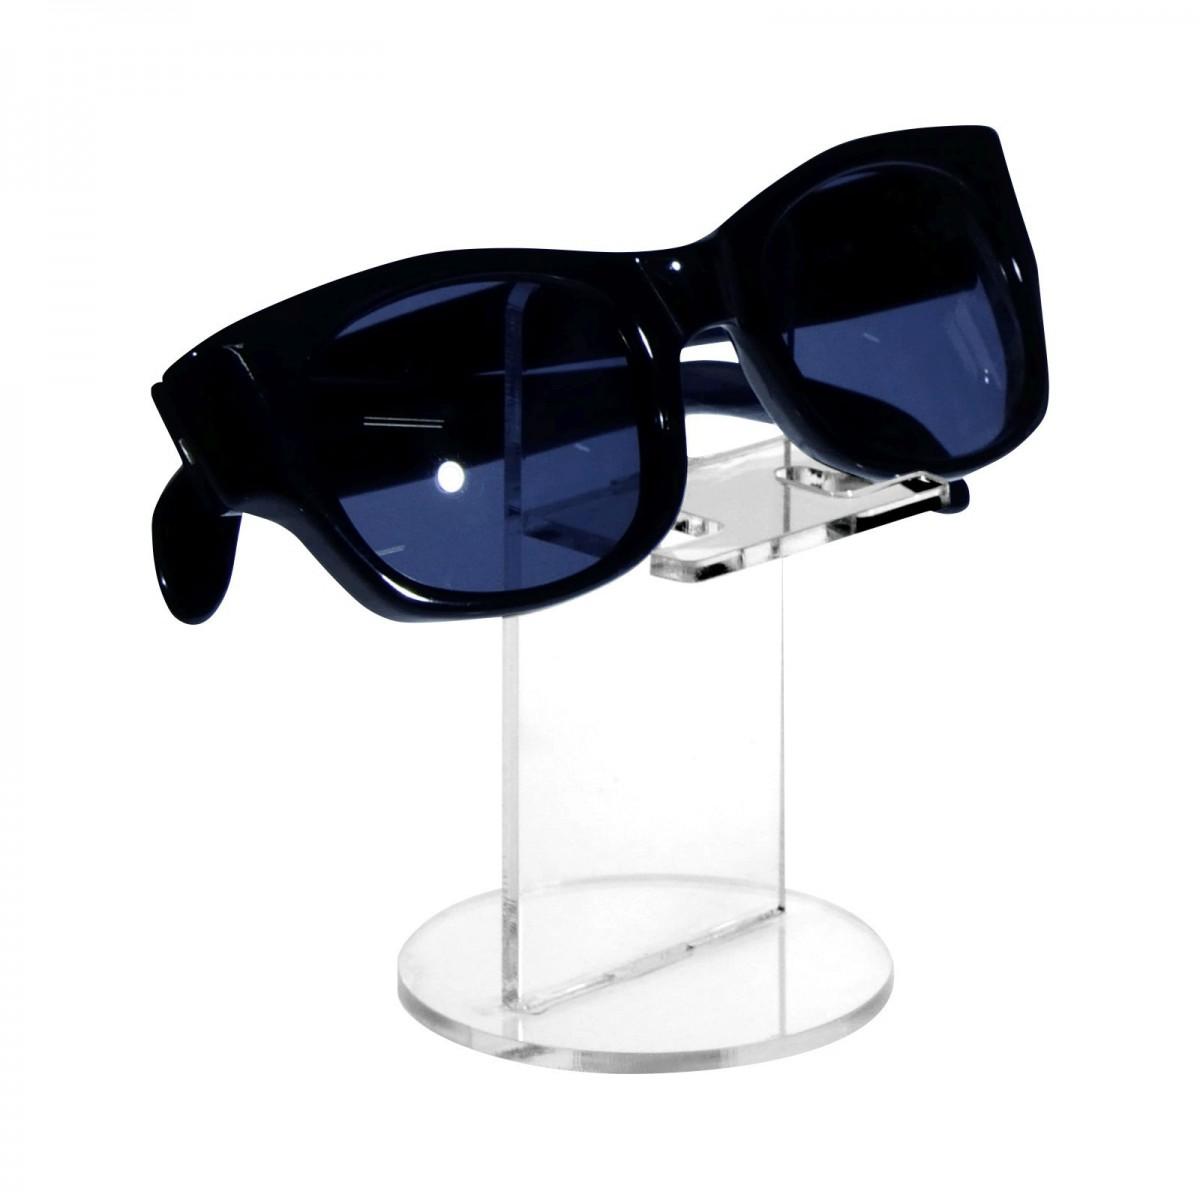 E-126 ESP-C - Portaocchiali in plexiglass trasparente - Misura: 6,5x6,5x H10 cm